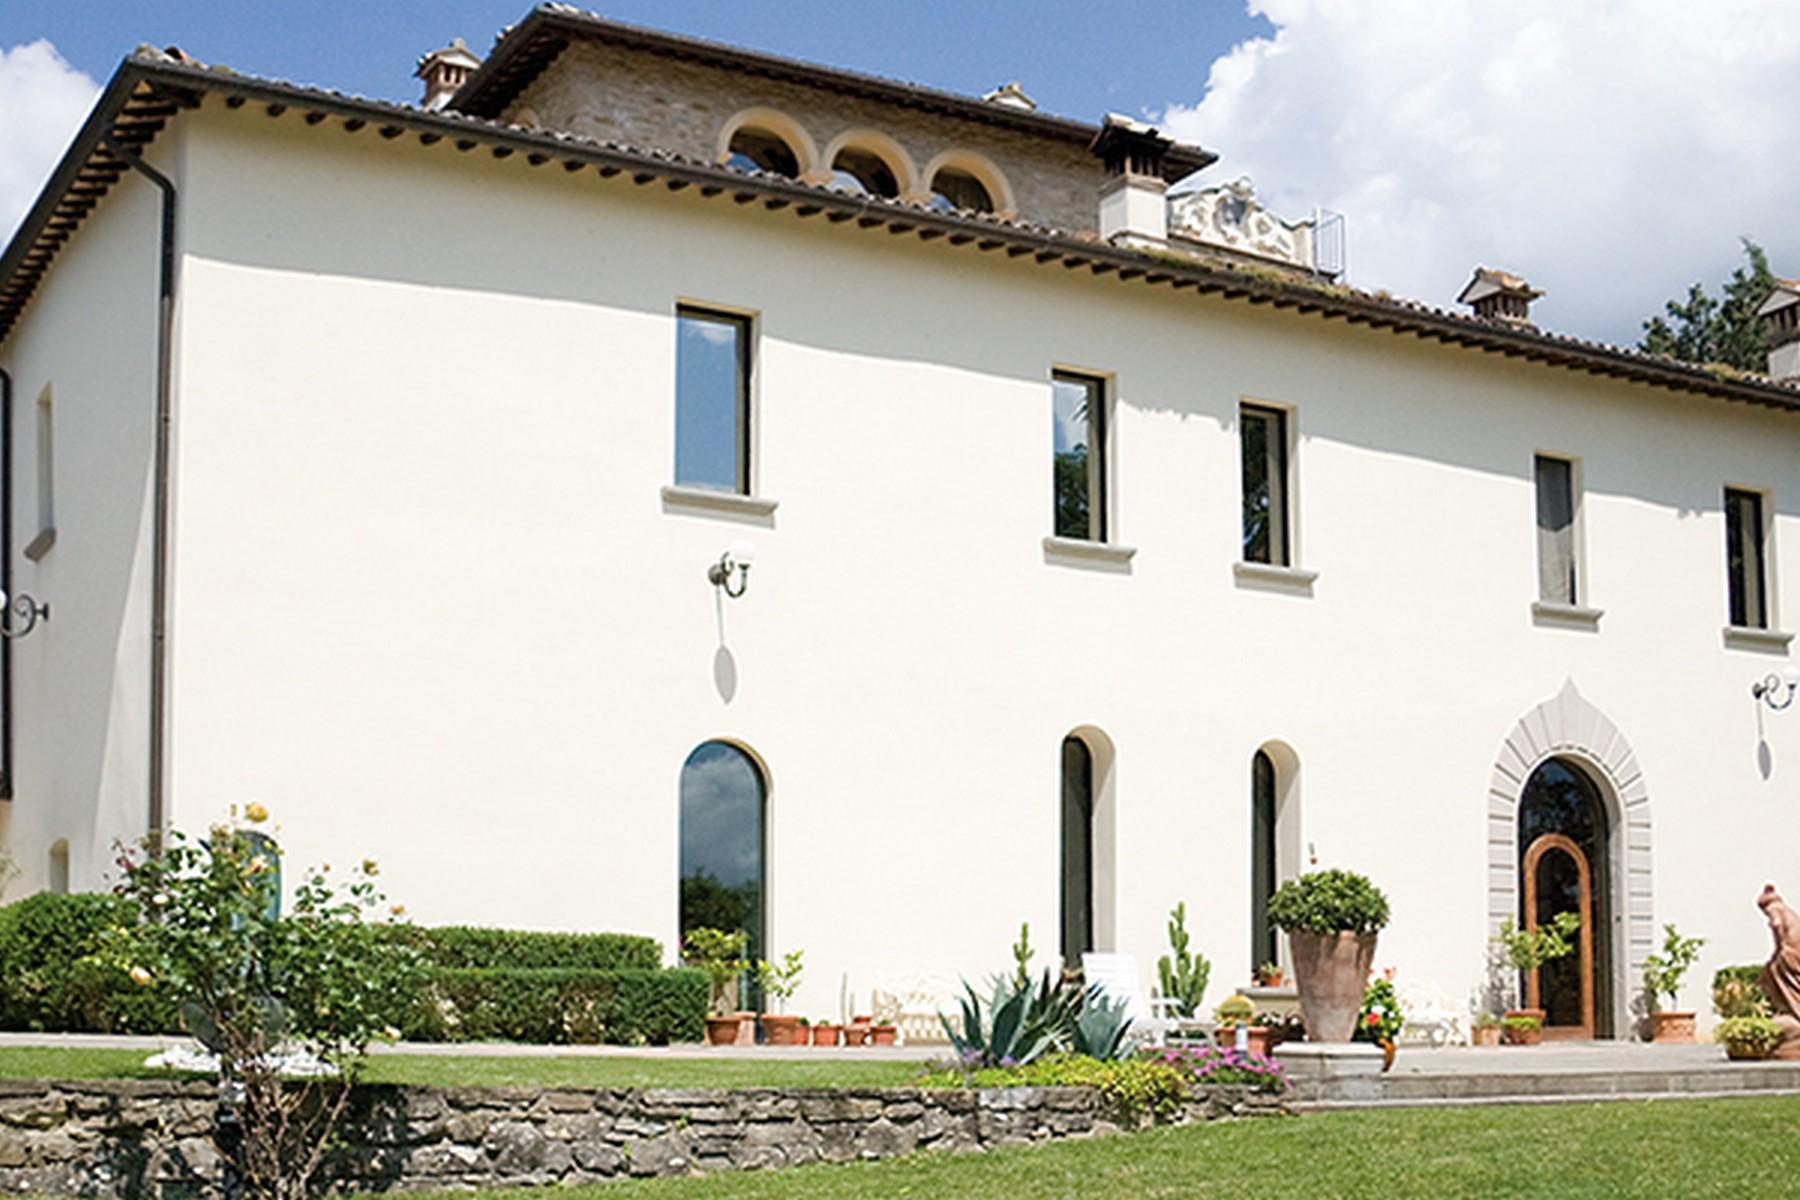 Villa esclusiva nelle verdi campagne umbre - 2